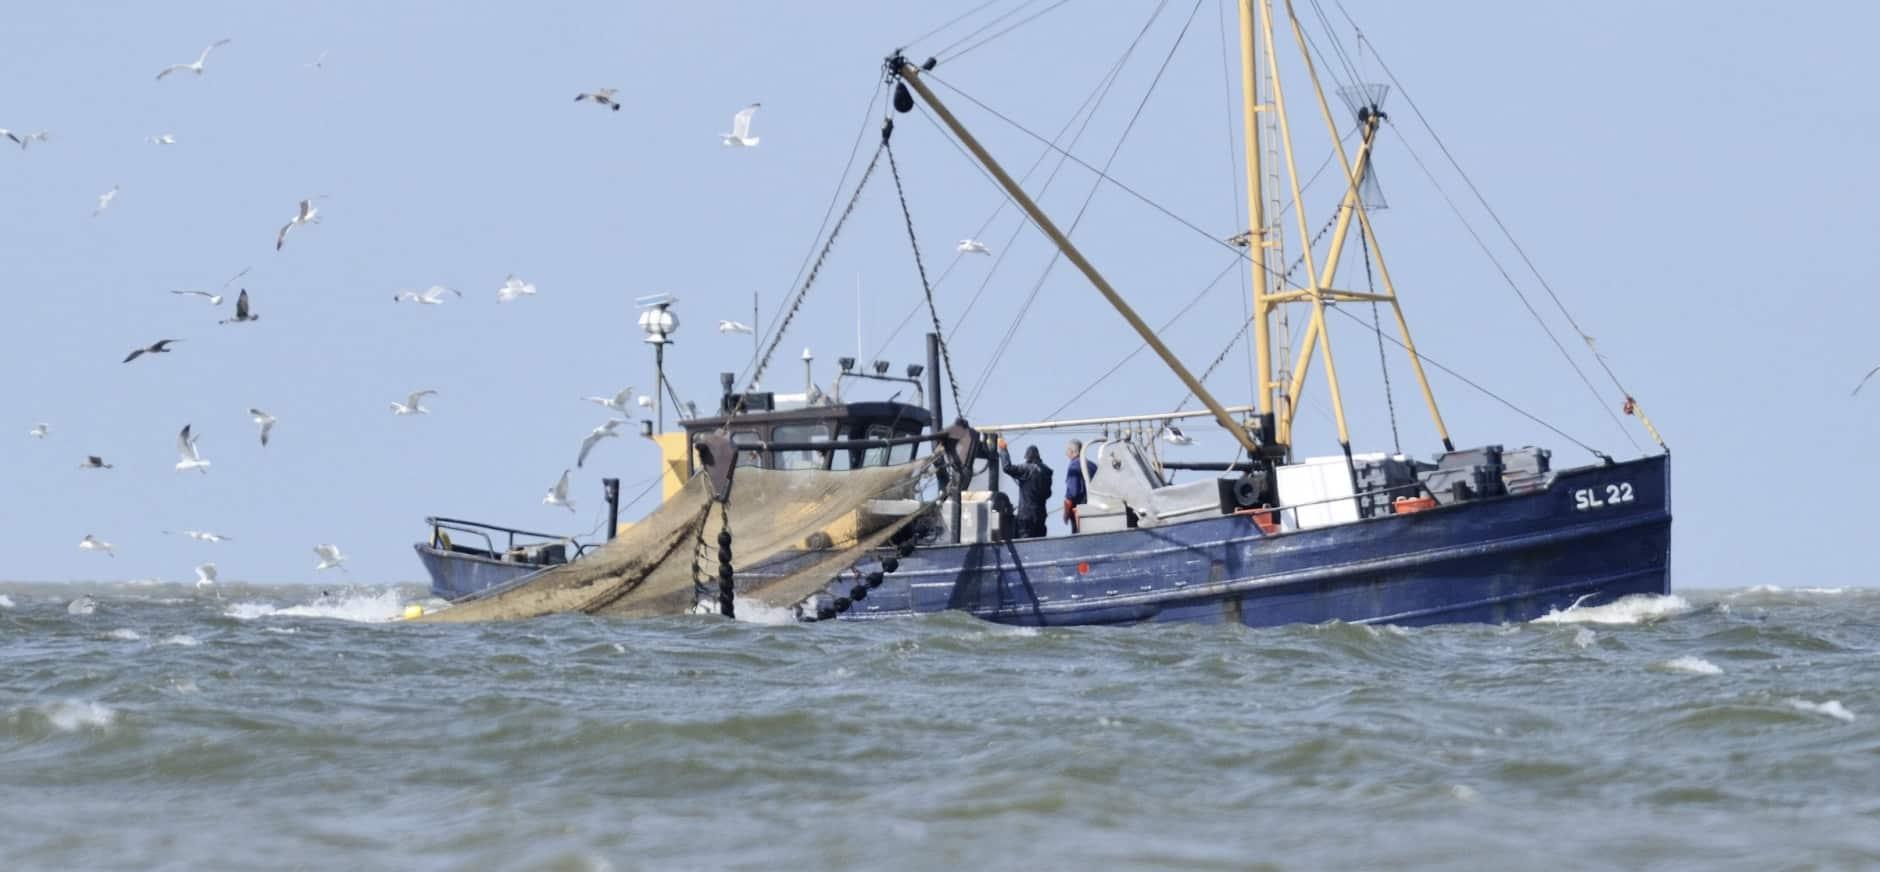 Garnalenvissers krijgen label voor duurzaam vissen